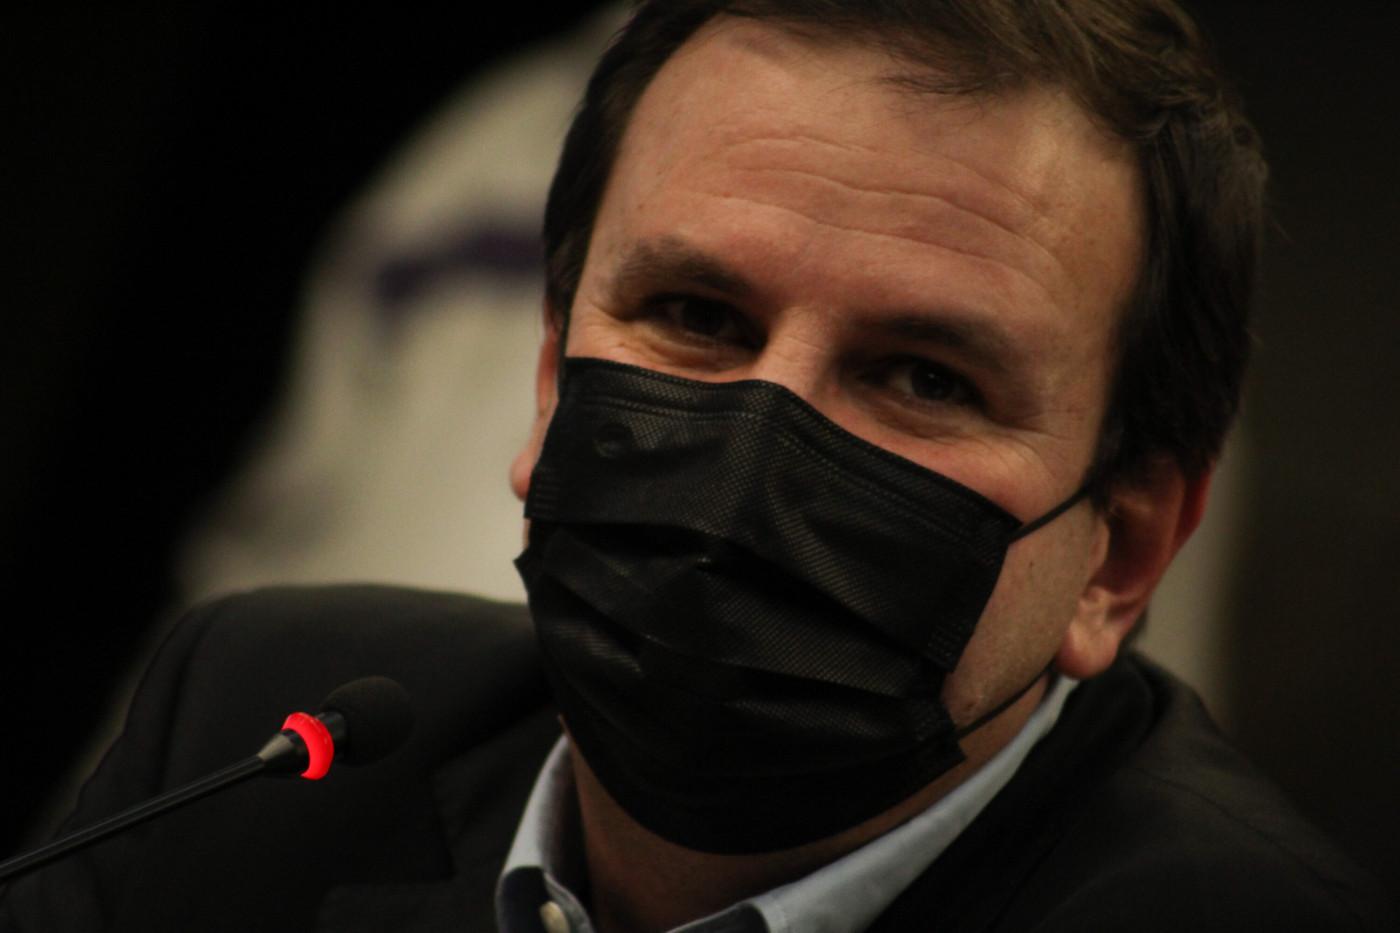 O prefeito do Rio de Janeiro, Eduardo Paes, com máscara durante coletiva de imprensa